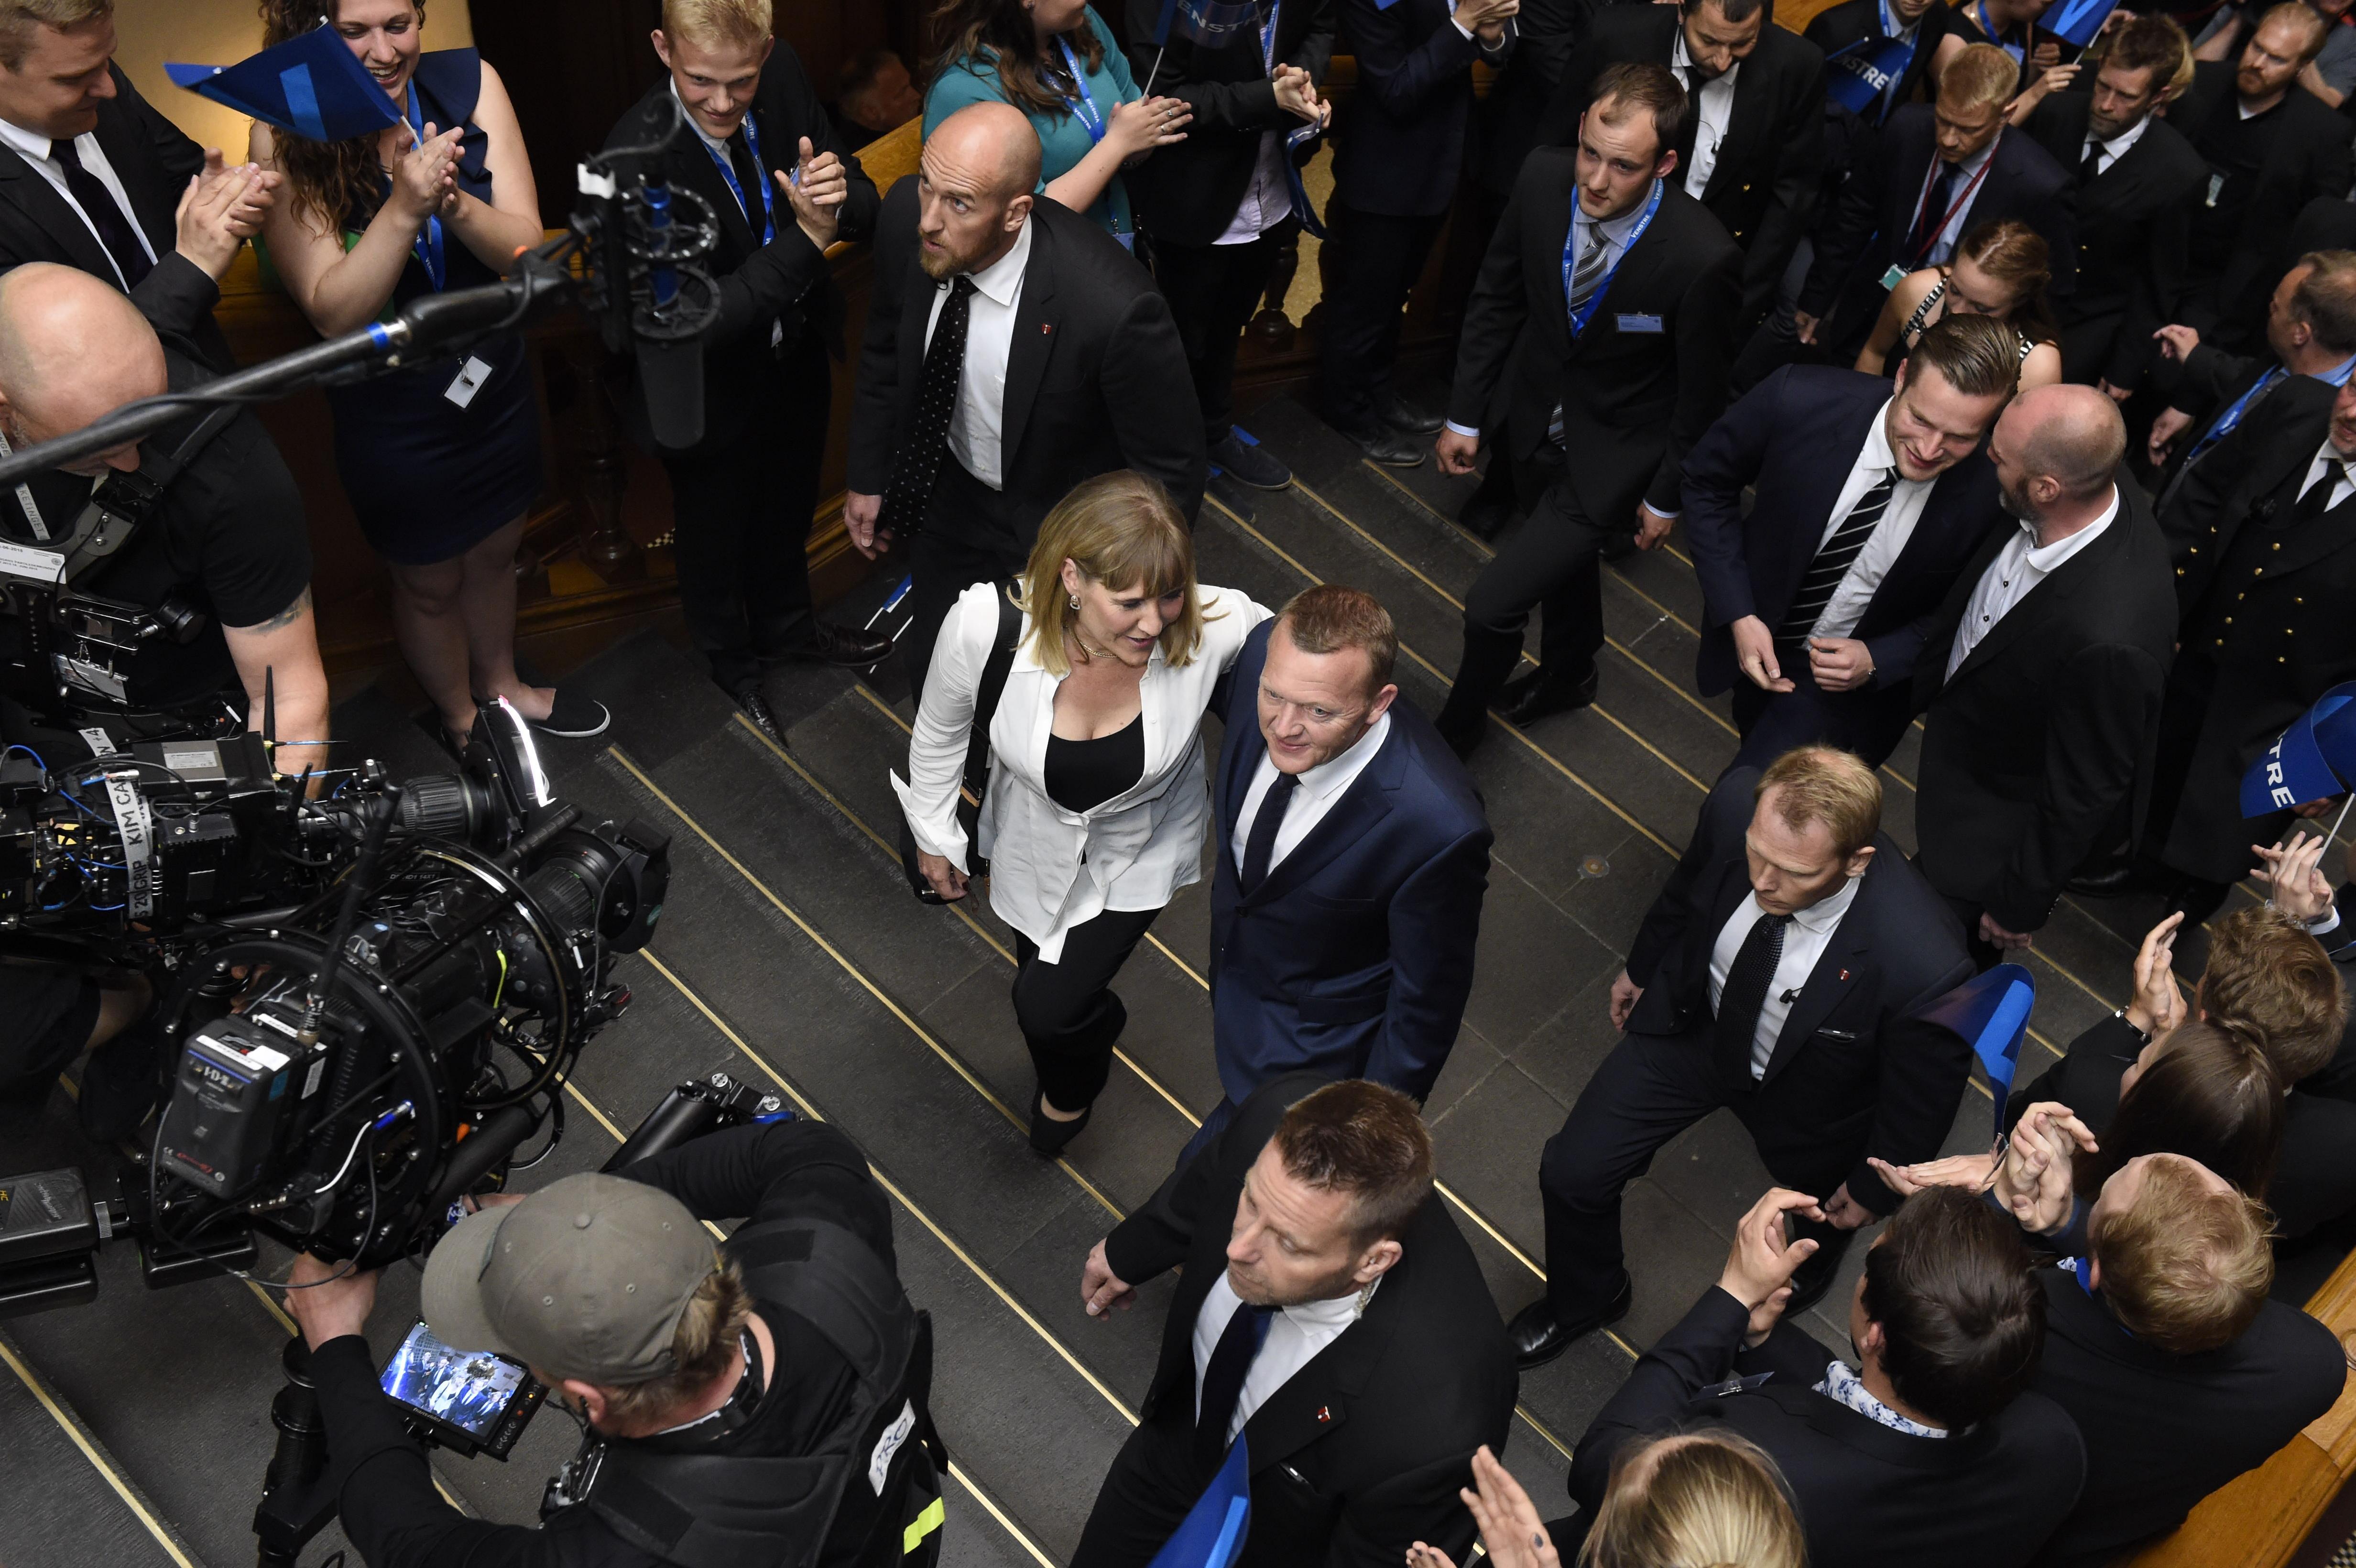 FV15 Lars Lkke Rasmussen ankommer  - DALHOFF CASPER.jpg